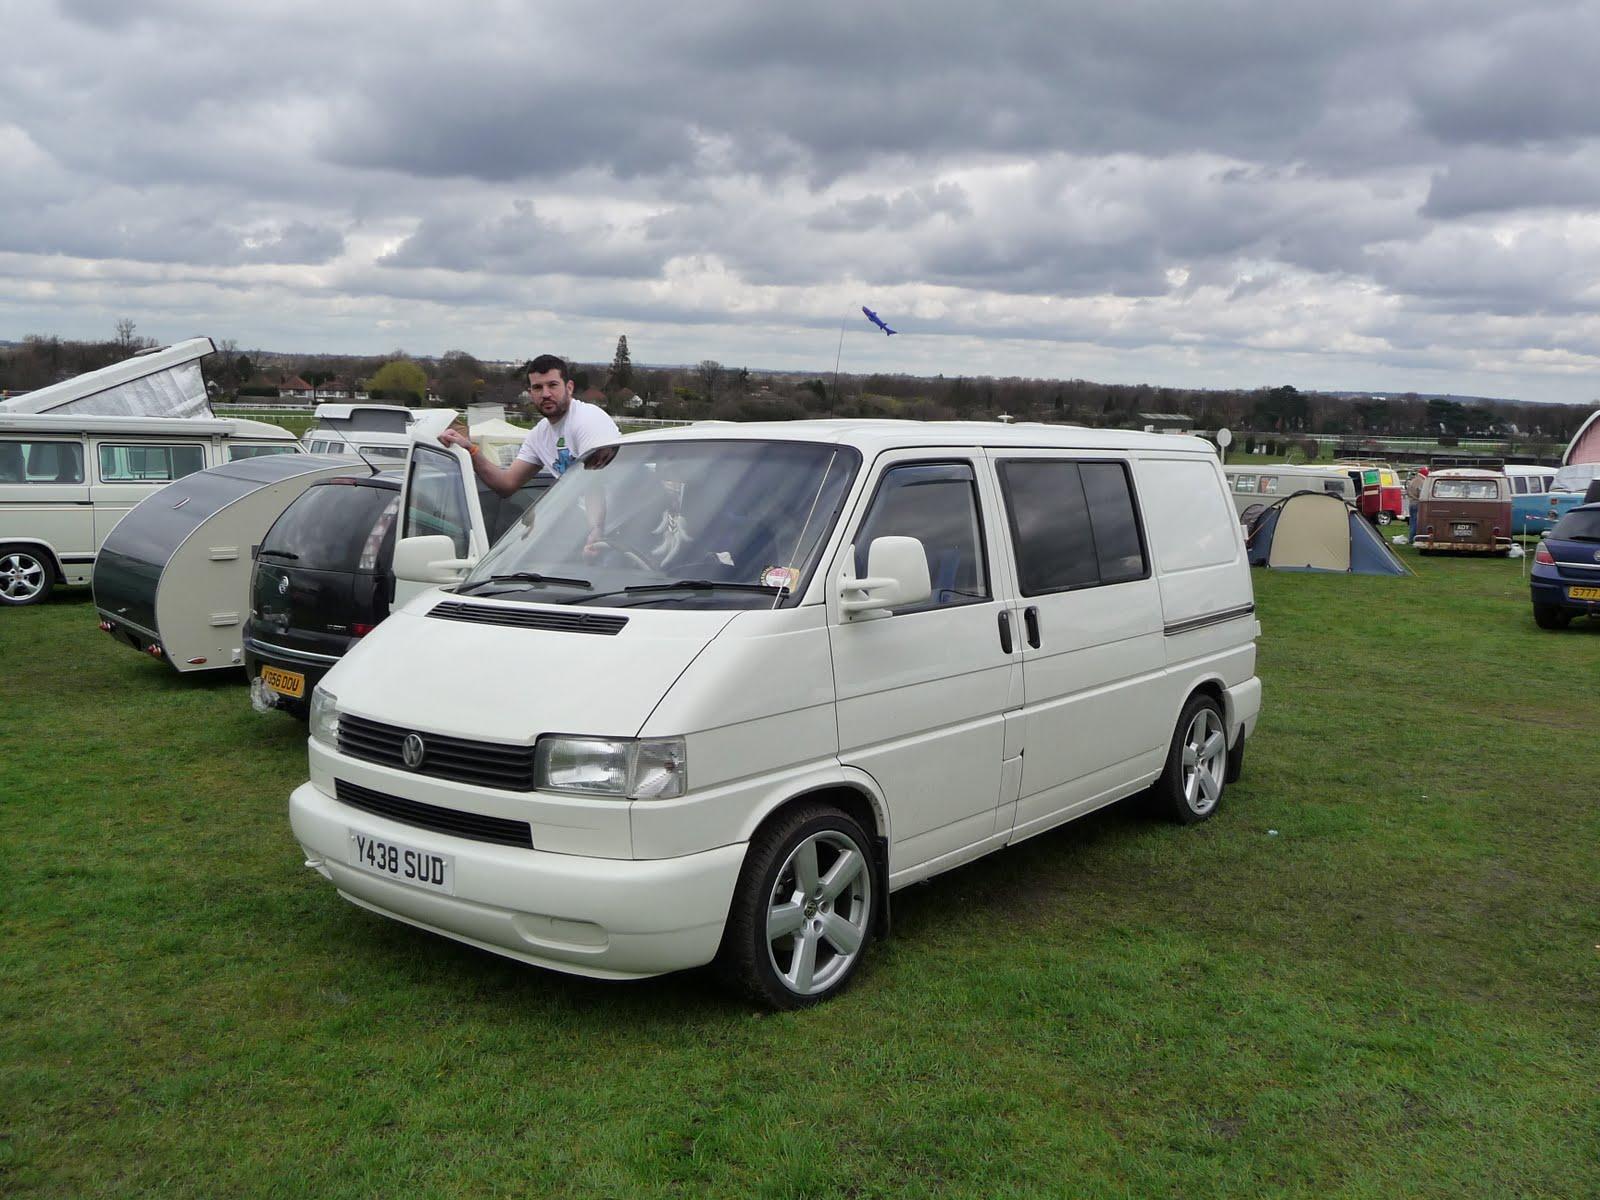 for sale white 2001 volkswagen transporter t4 1 9 td 1000. Black Bedroom Furniture Sets. Home Design Ideas